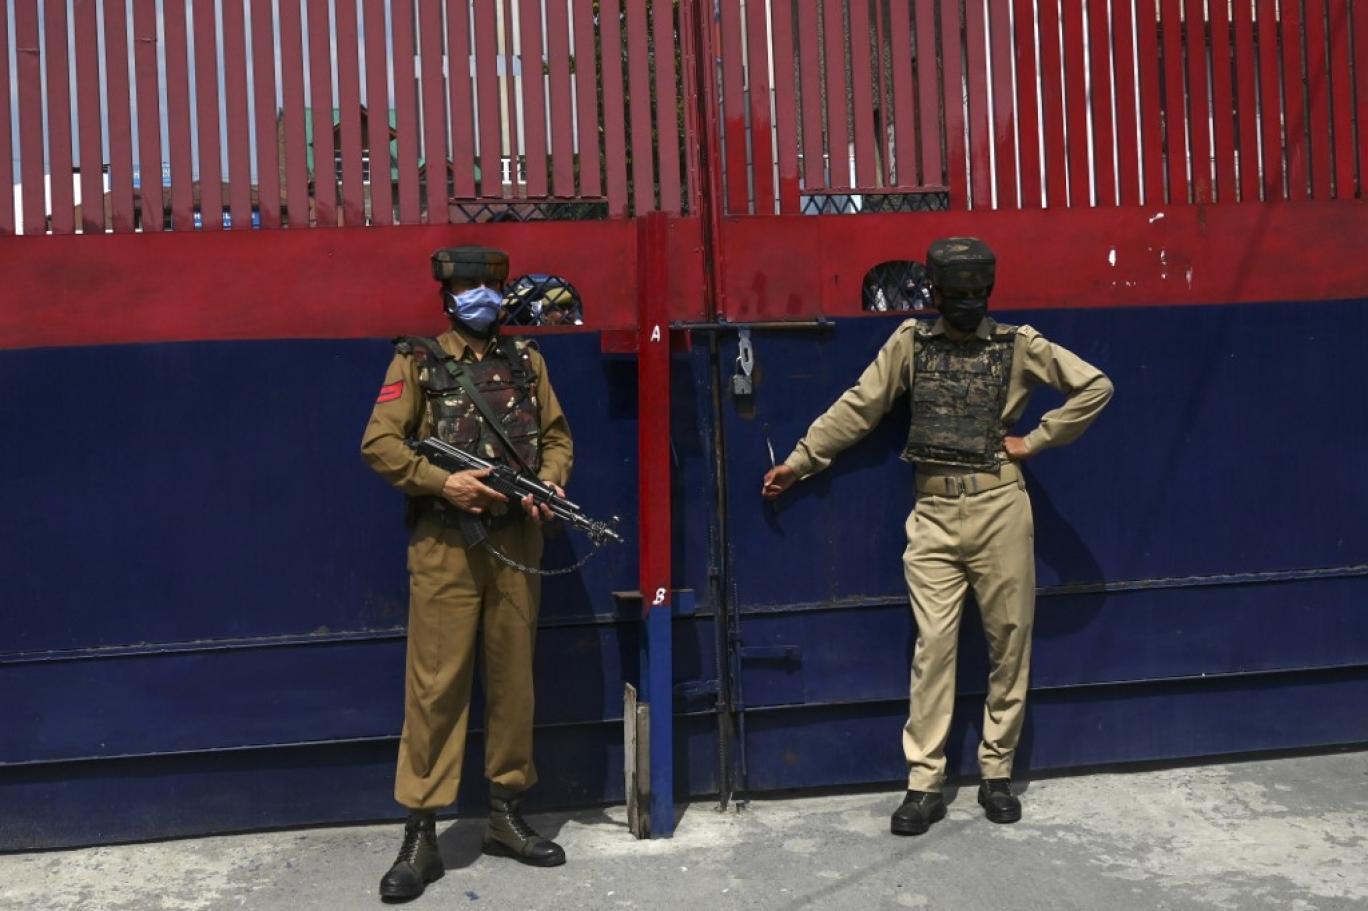 بھارت میں القاعدہ سے تعلق کے شبے میں نو افراد گرفتار